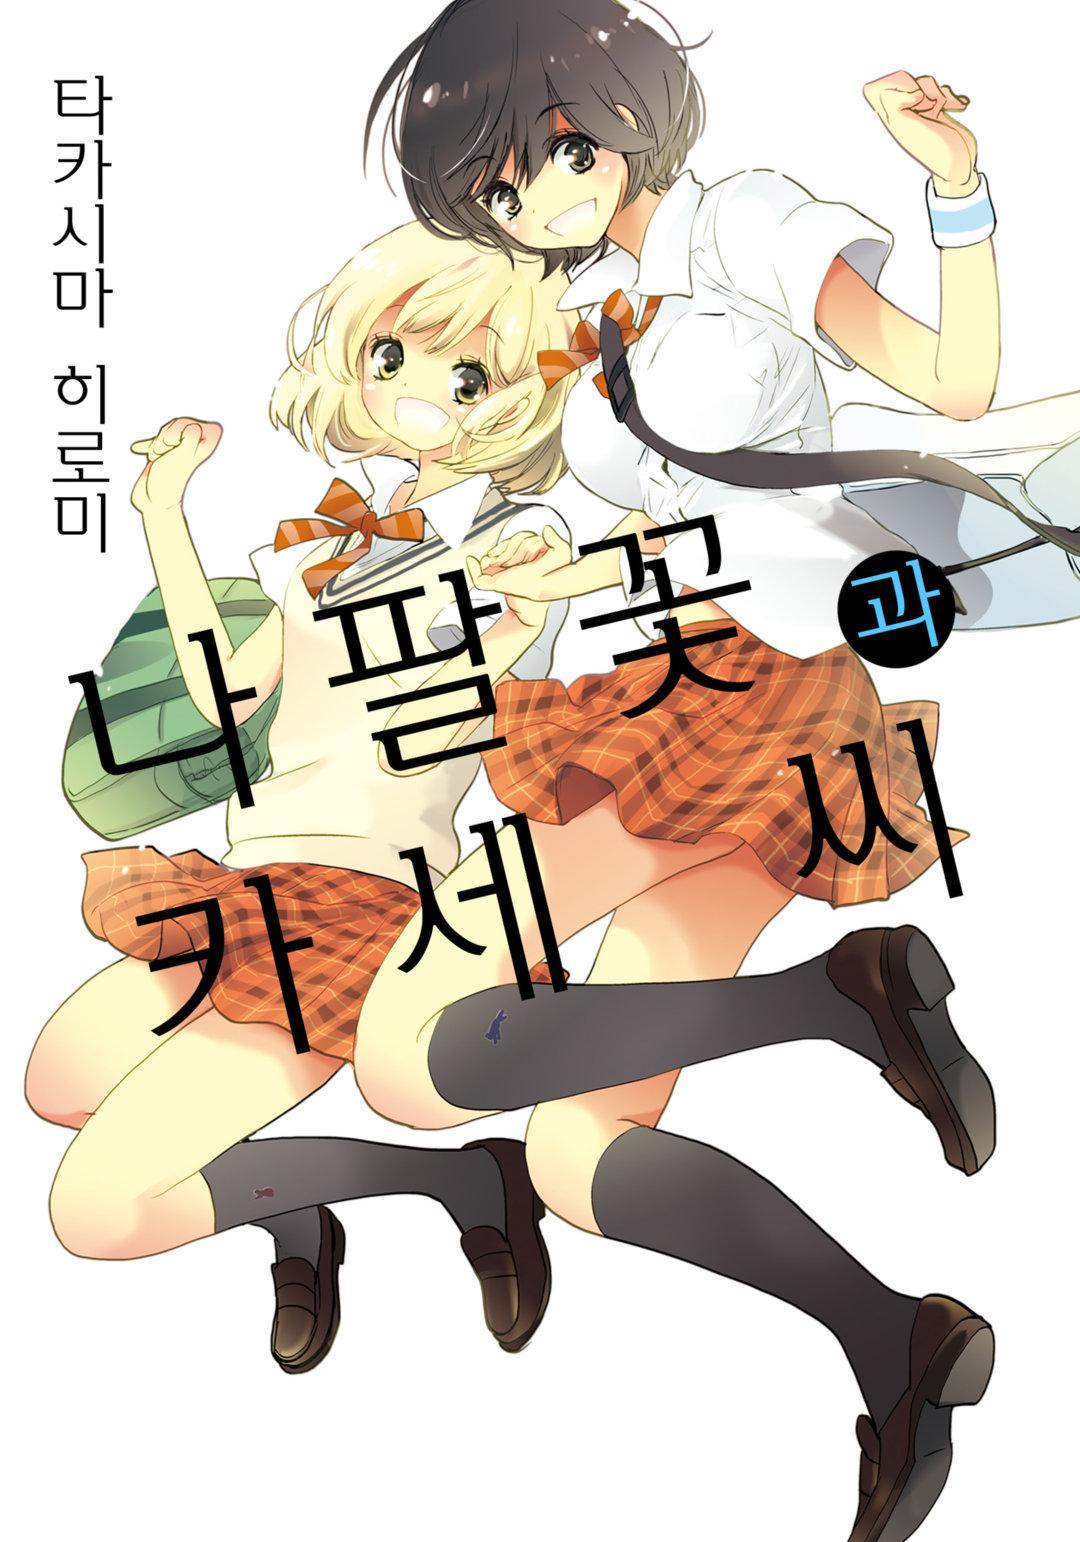 [코랄] 나팔꽃과 카세 씨